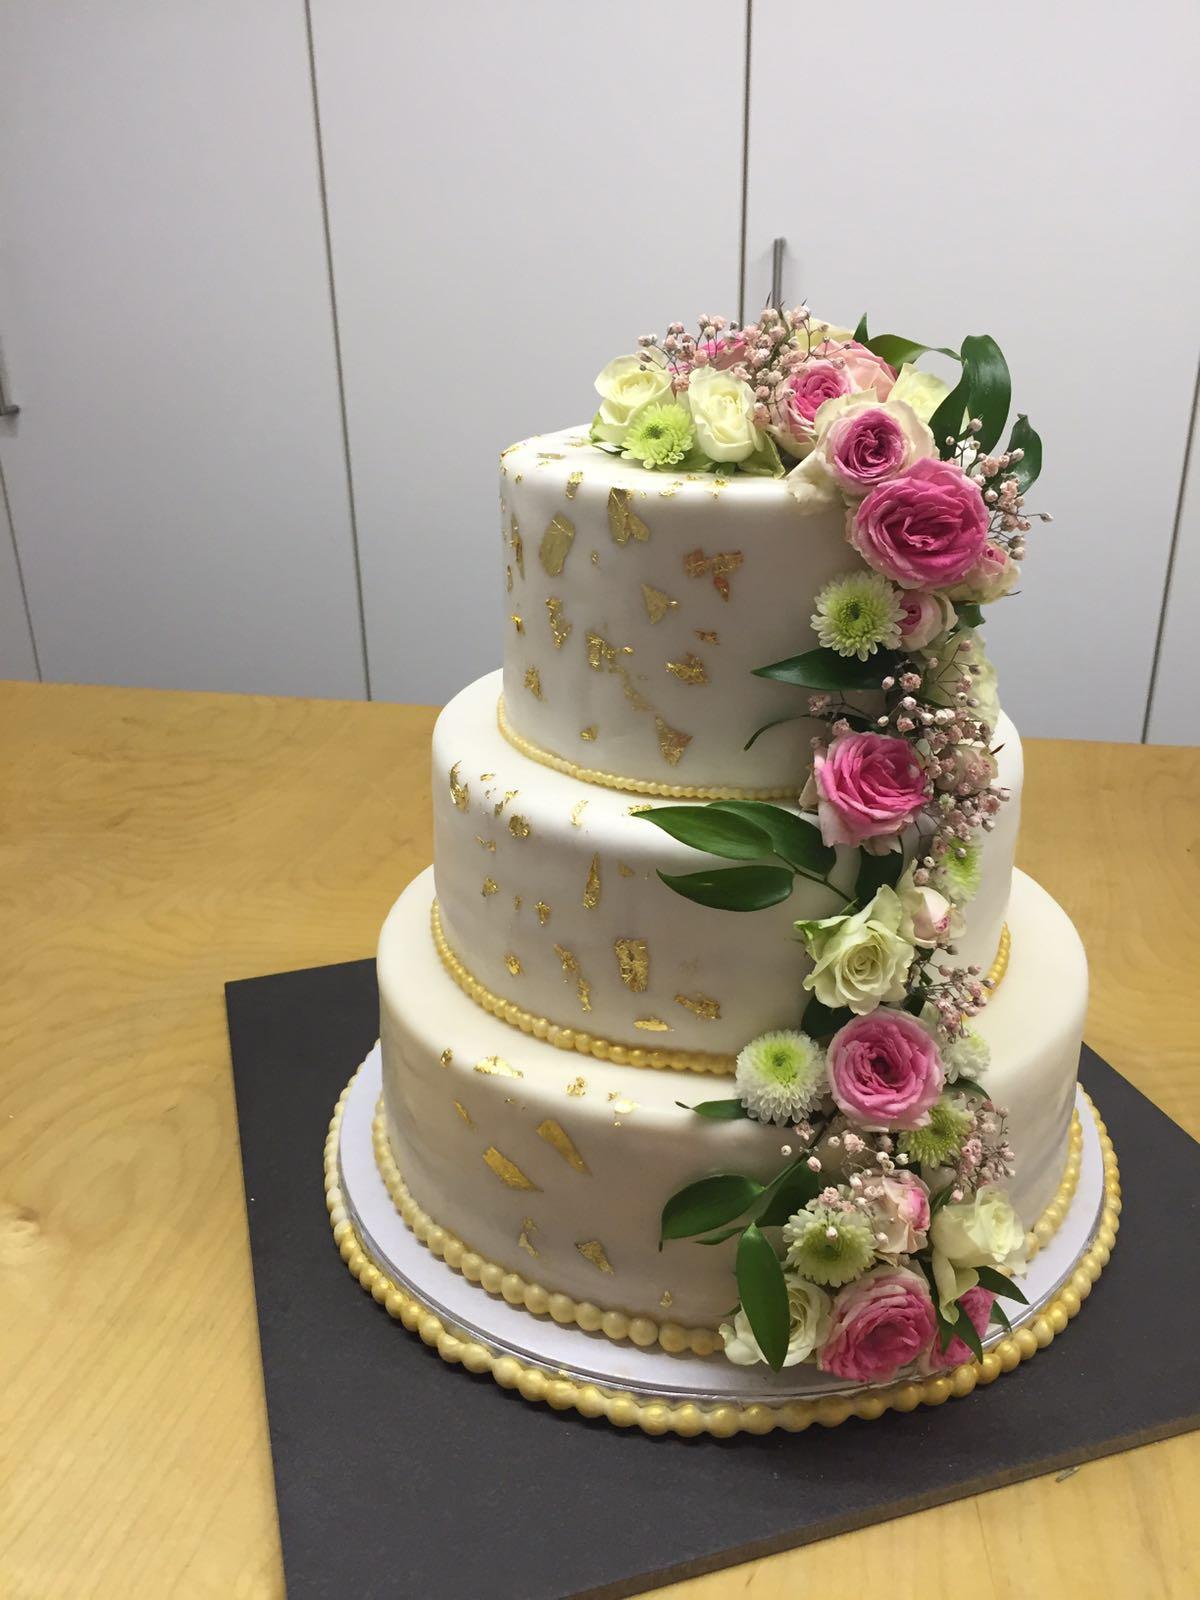 Goldene Hochzeit Torte Rezept Kurbis Torte Mit Walnussen Vegane Vibes